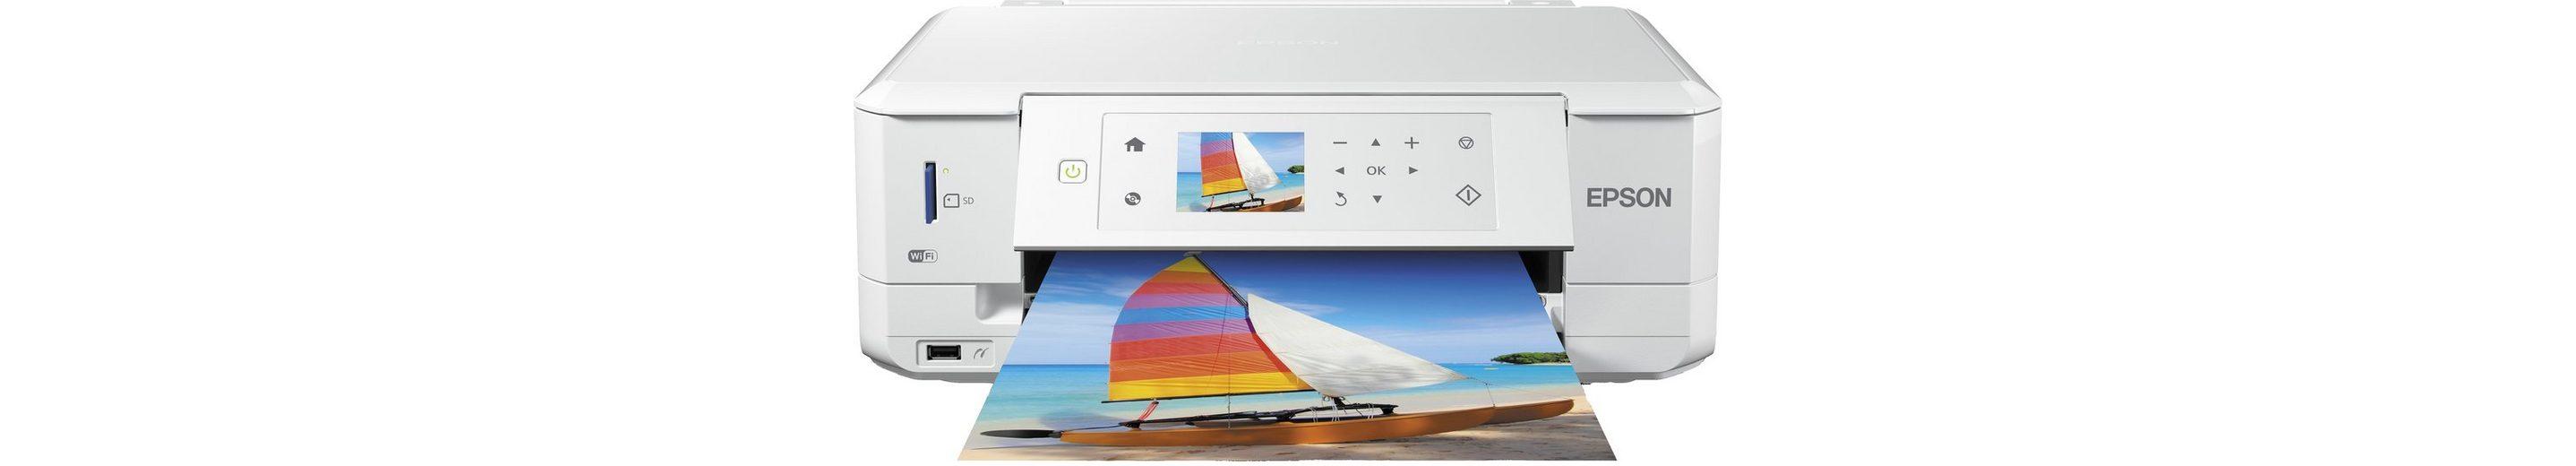 Epson Expression Premium XP-635 Multifunktionsdrucker